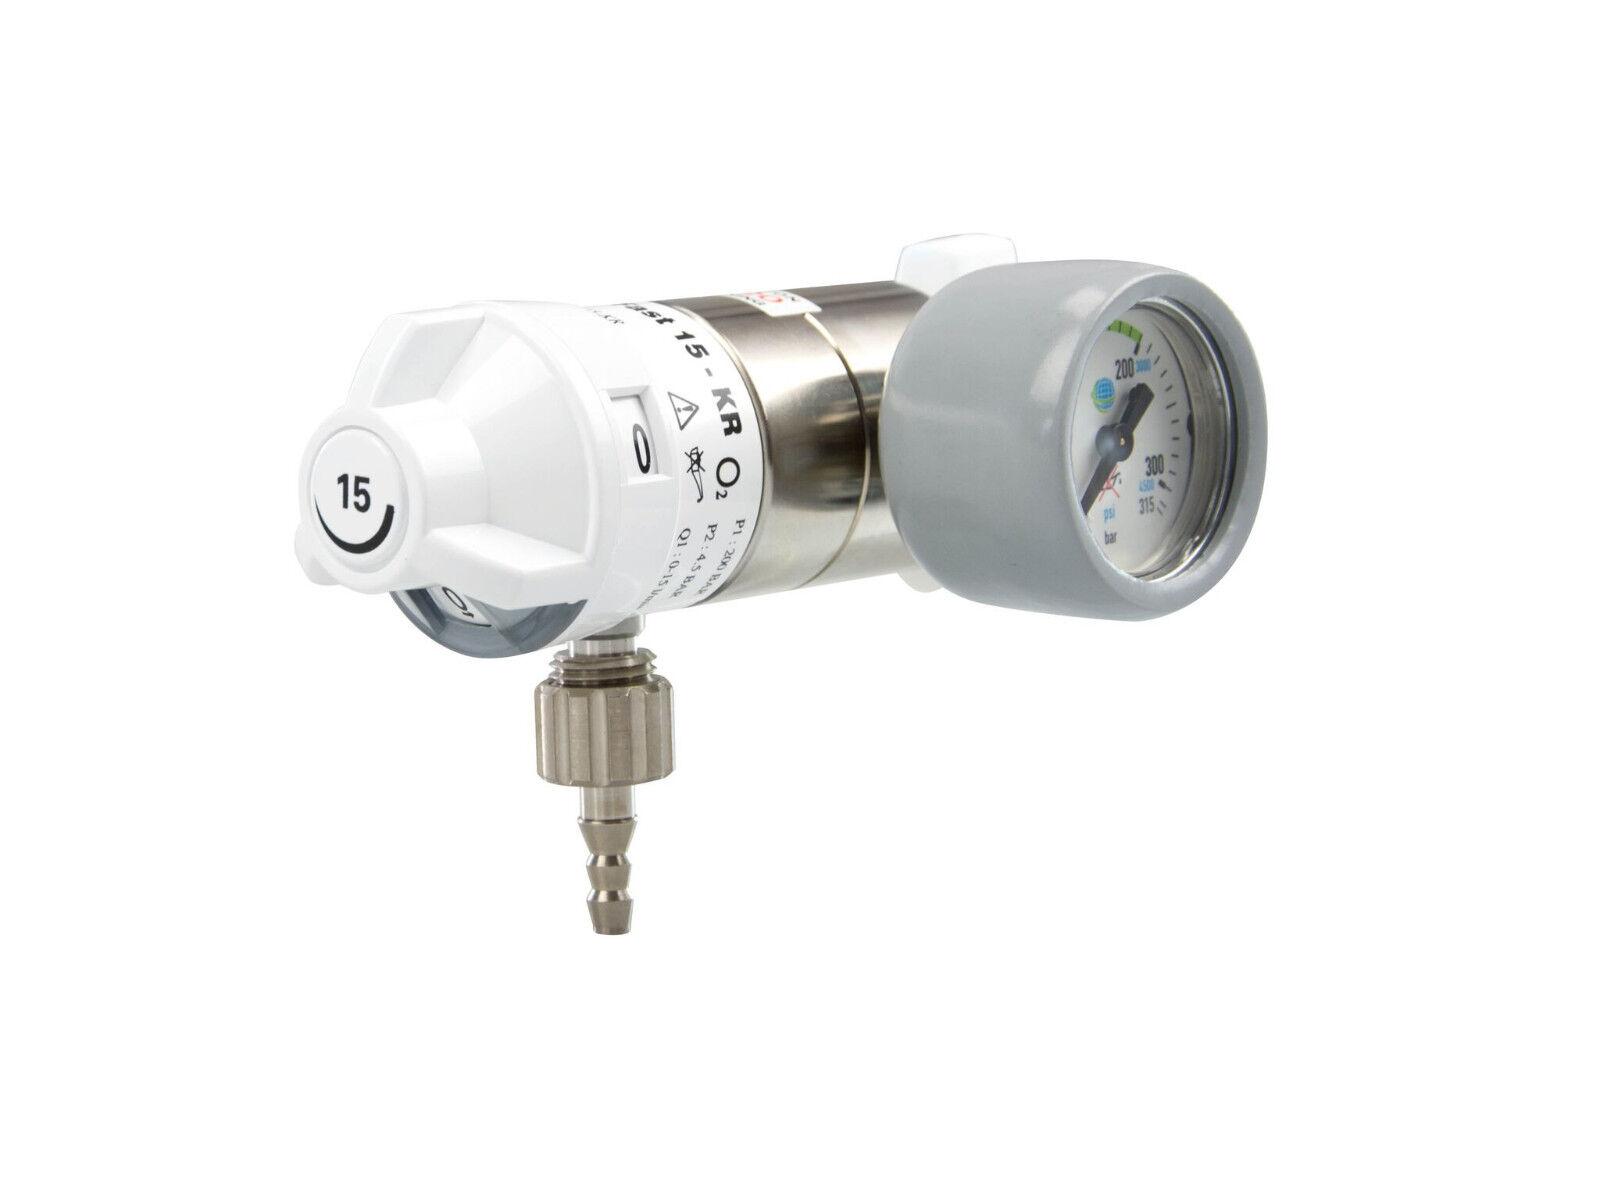 AEROway Sauerstoff-Druckminderer 0-15 l/min (Sauerstoffflasche Taucher Notfall)